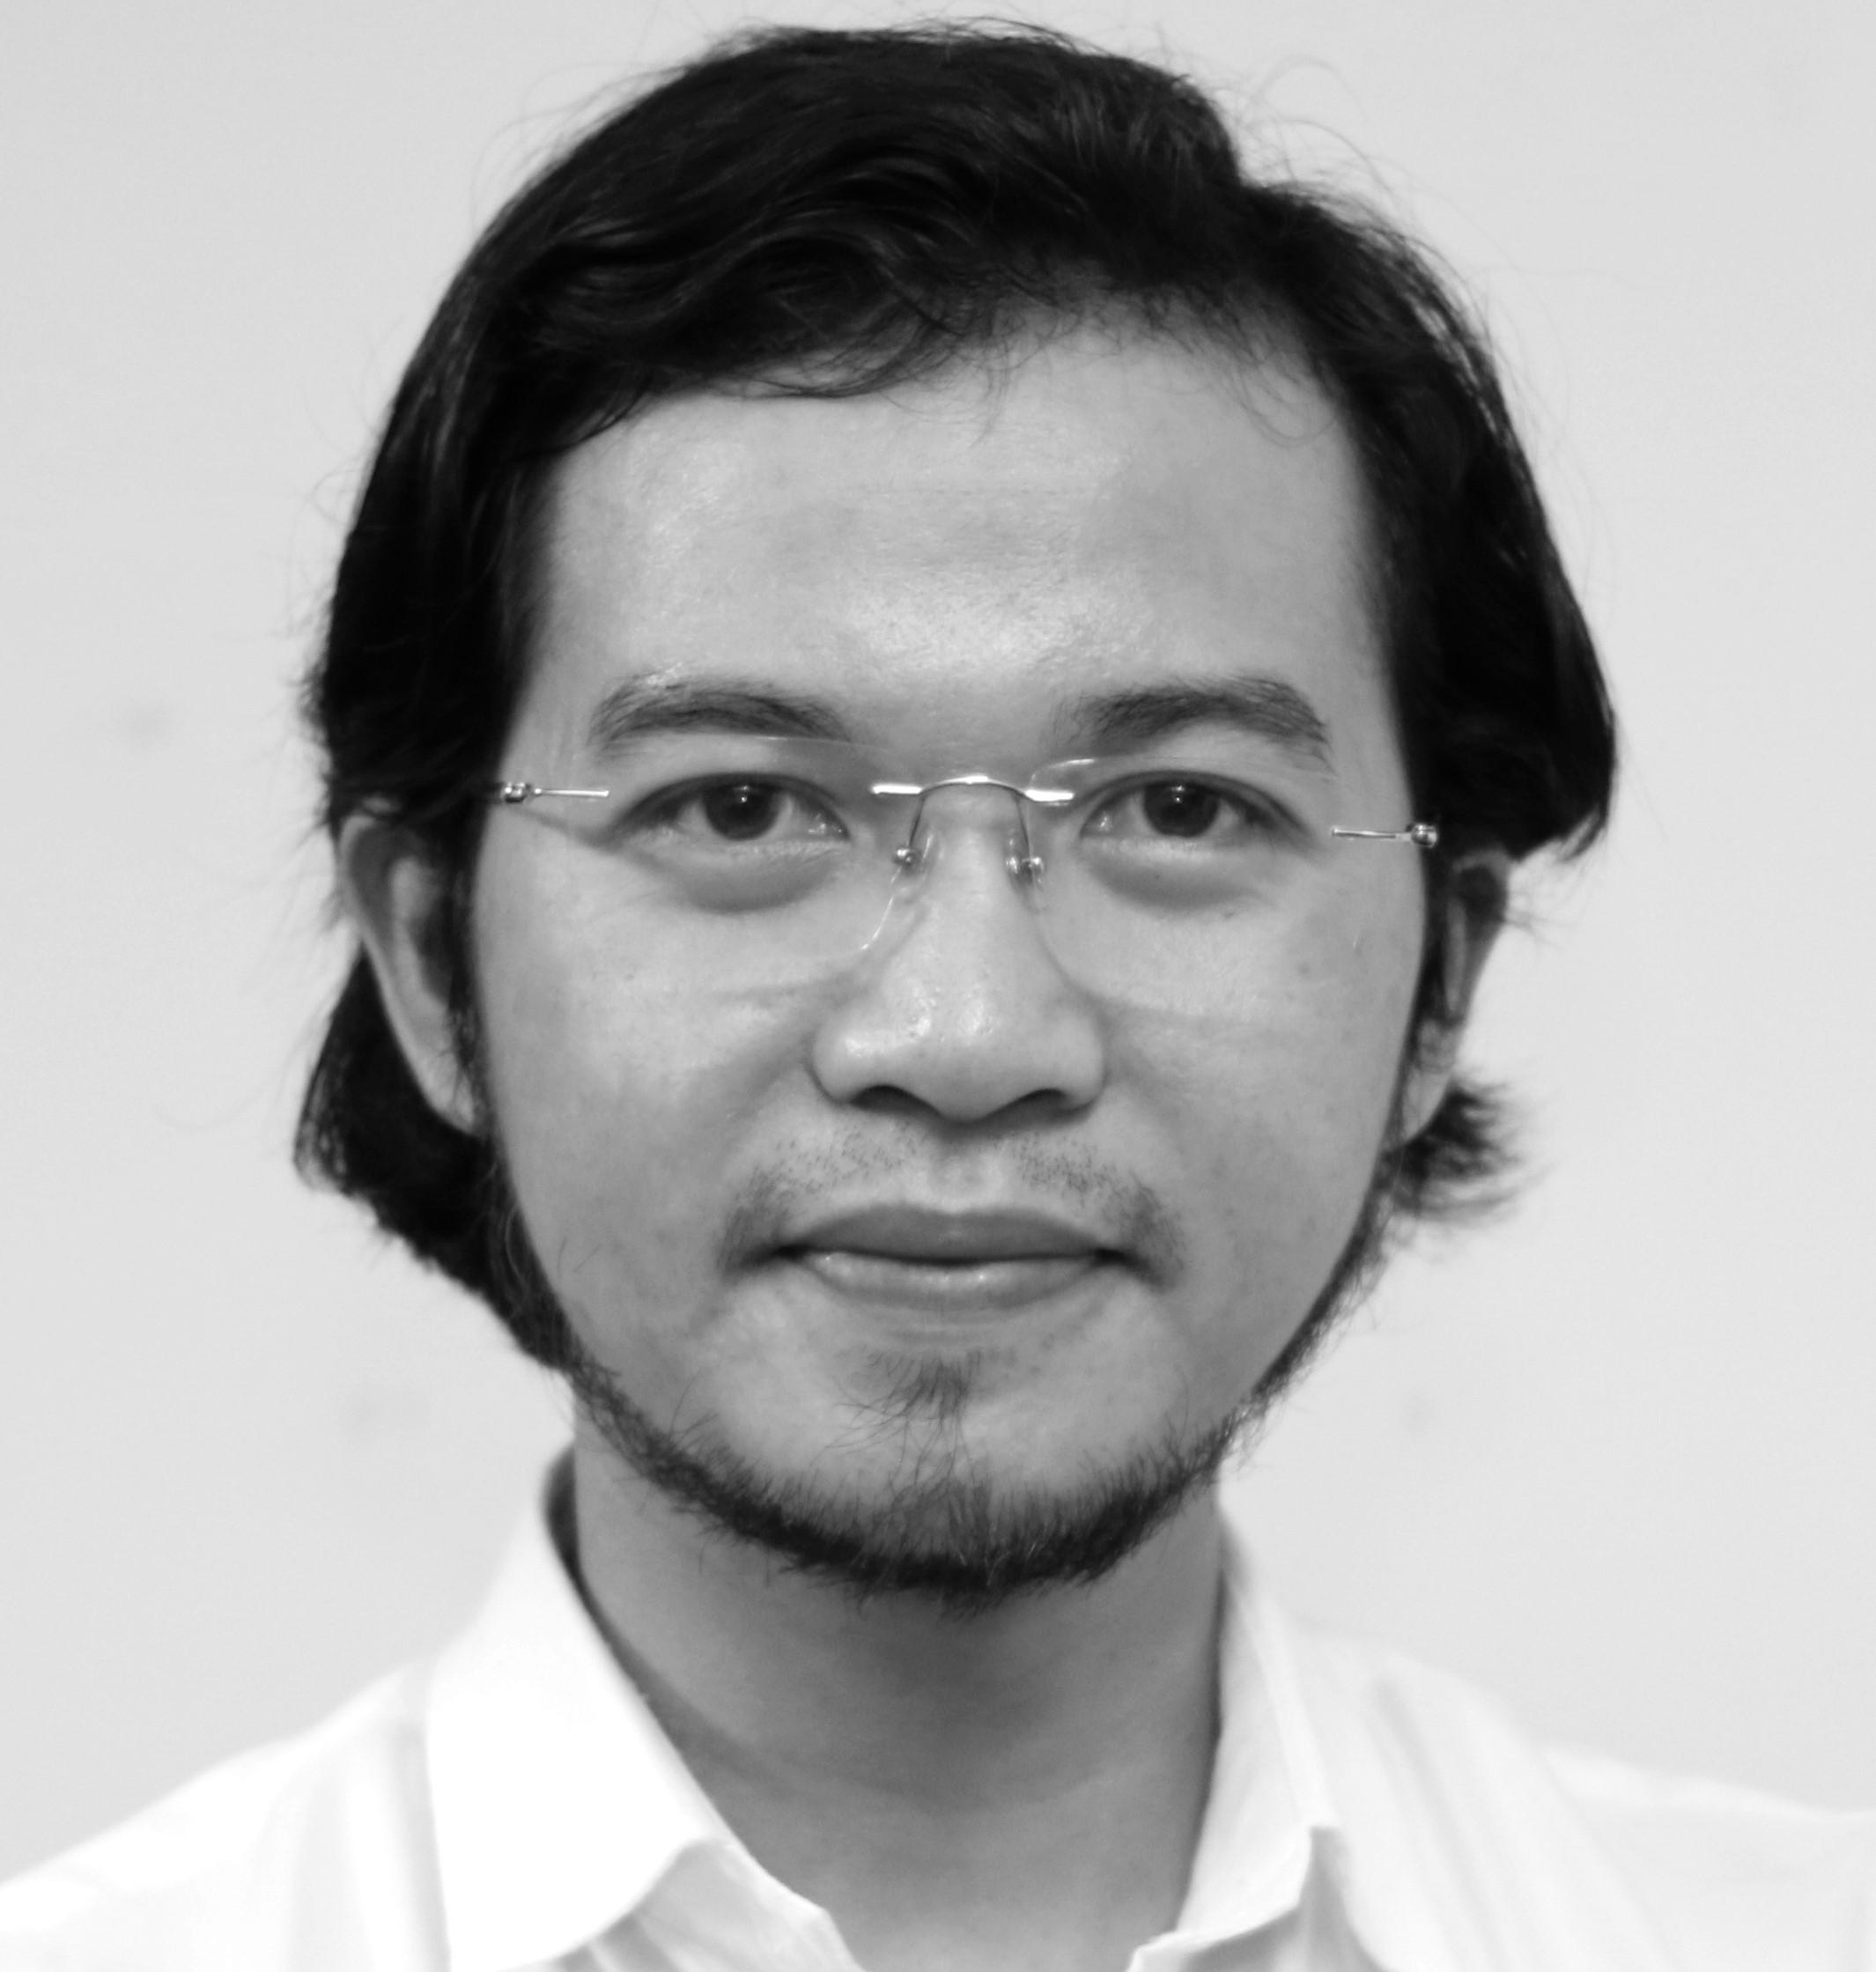 Nguyễn Trần Hoàng Phương